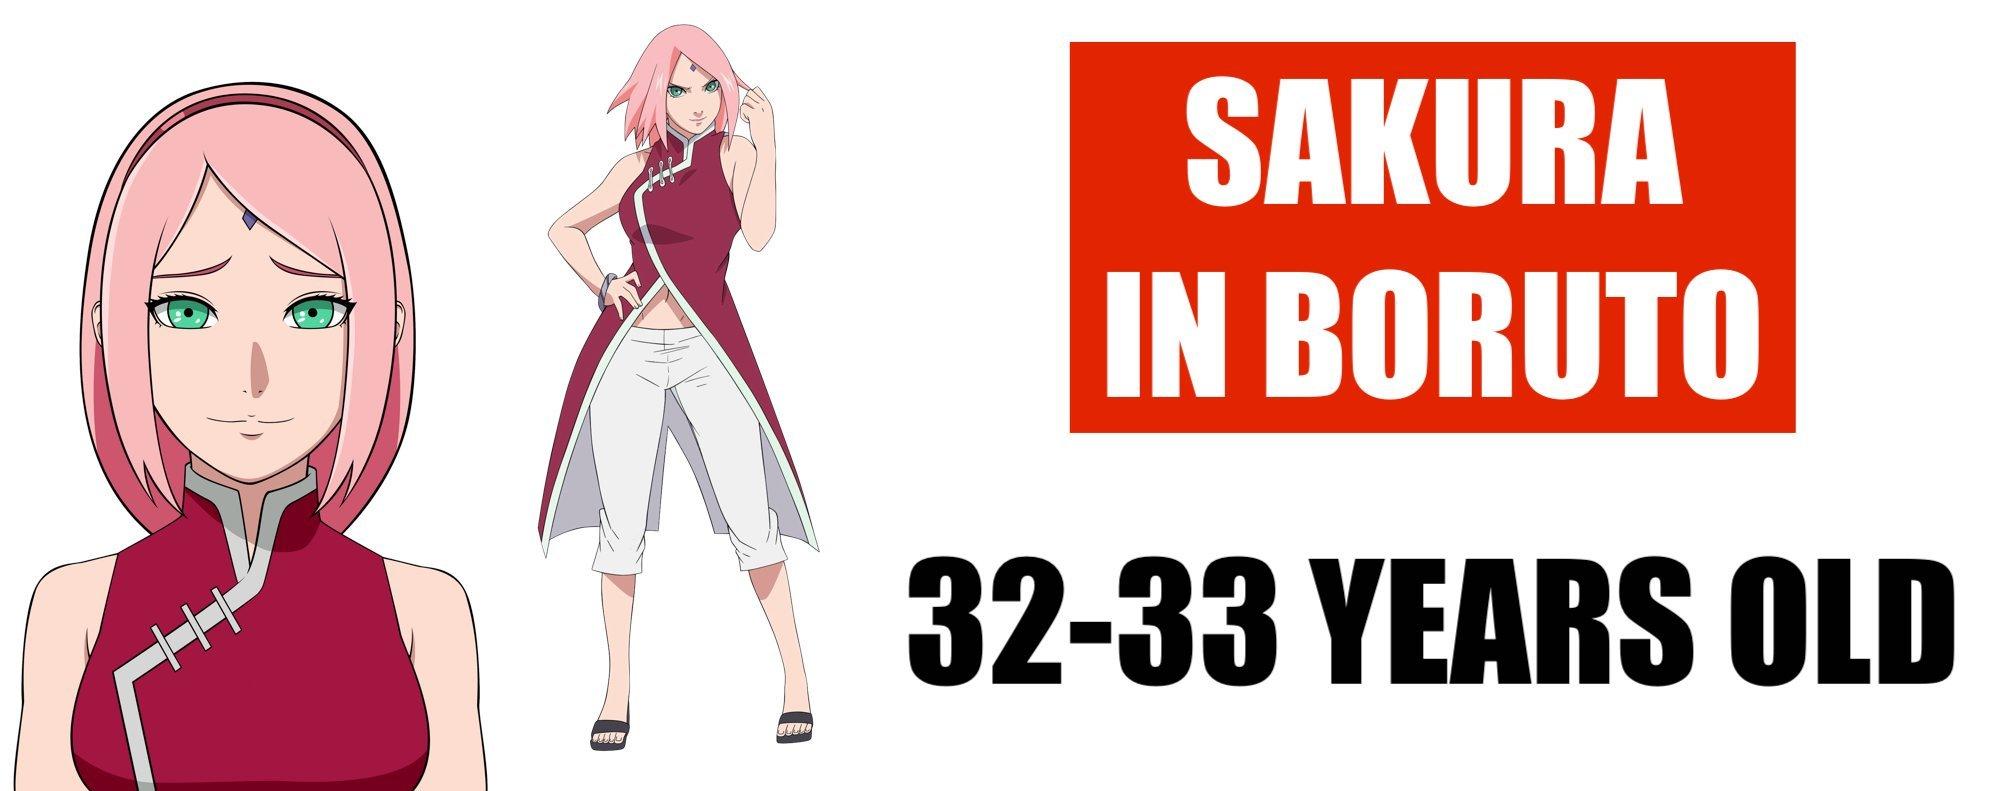 HOW OLD IS SAKURA IN BORUTO